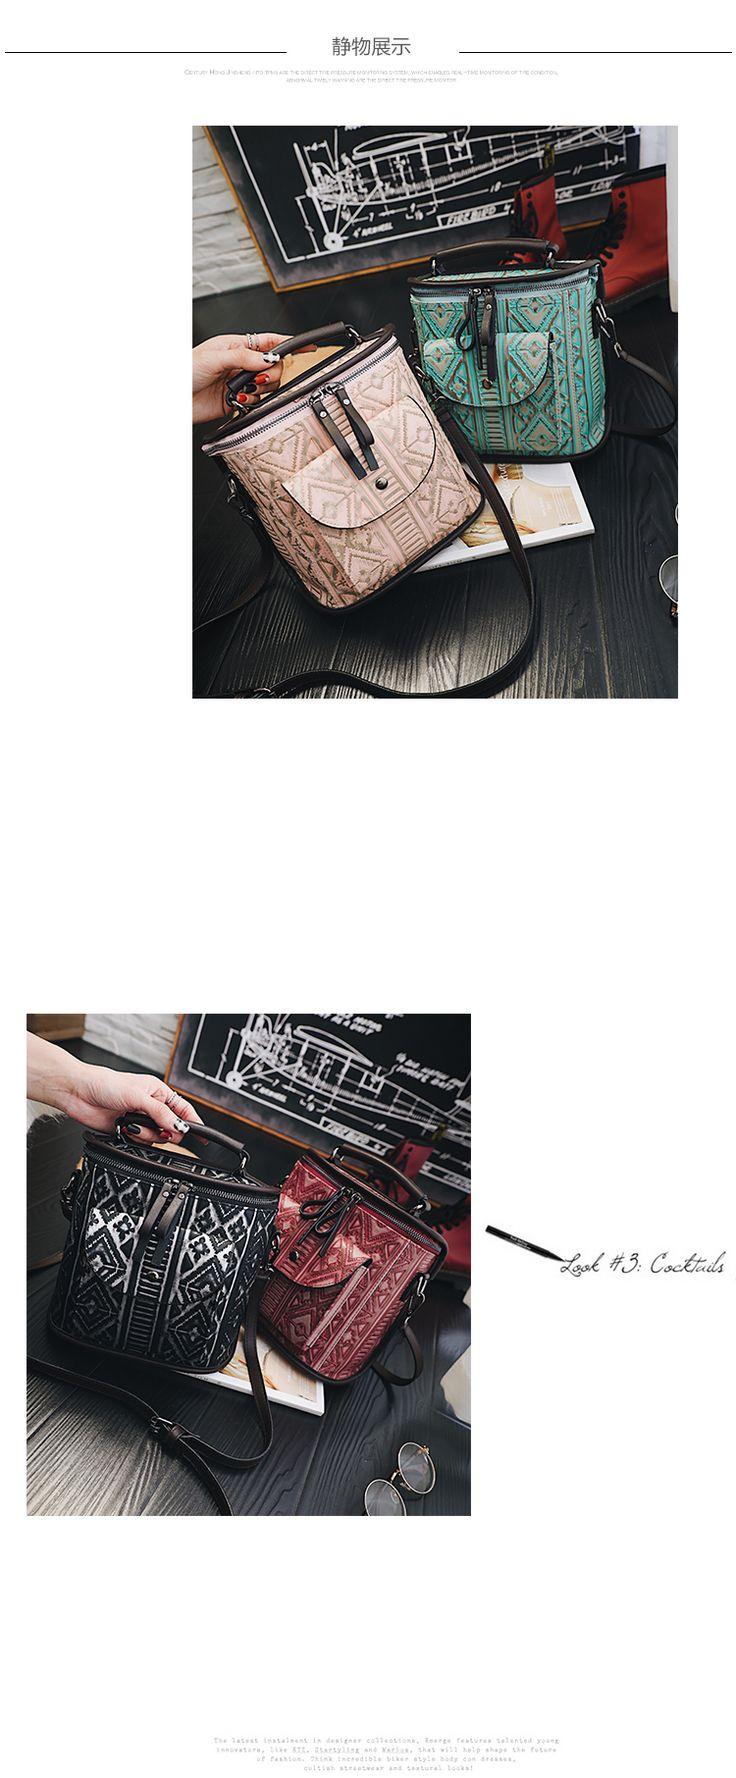 2017 Новые Зимние женские Сумки На Ремне Мода Ведро Личности Цветок Скороговоркой Мешок Хорошего Качества Для Женщин Мягкий Материал Сумки купить на AliExpress